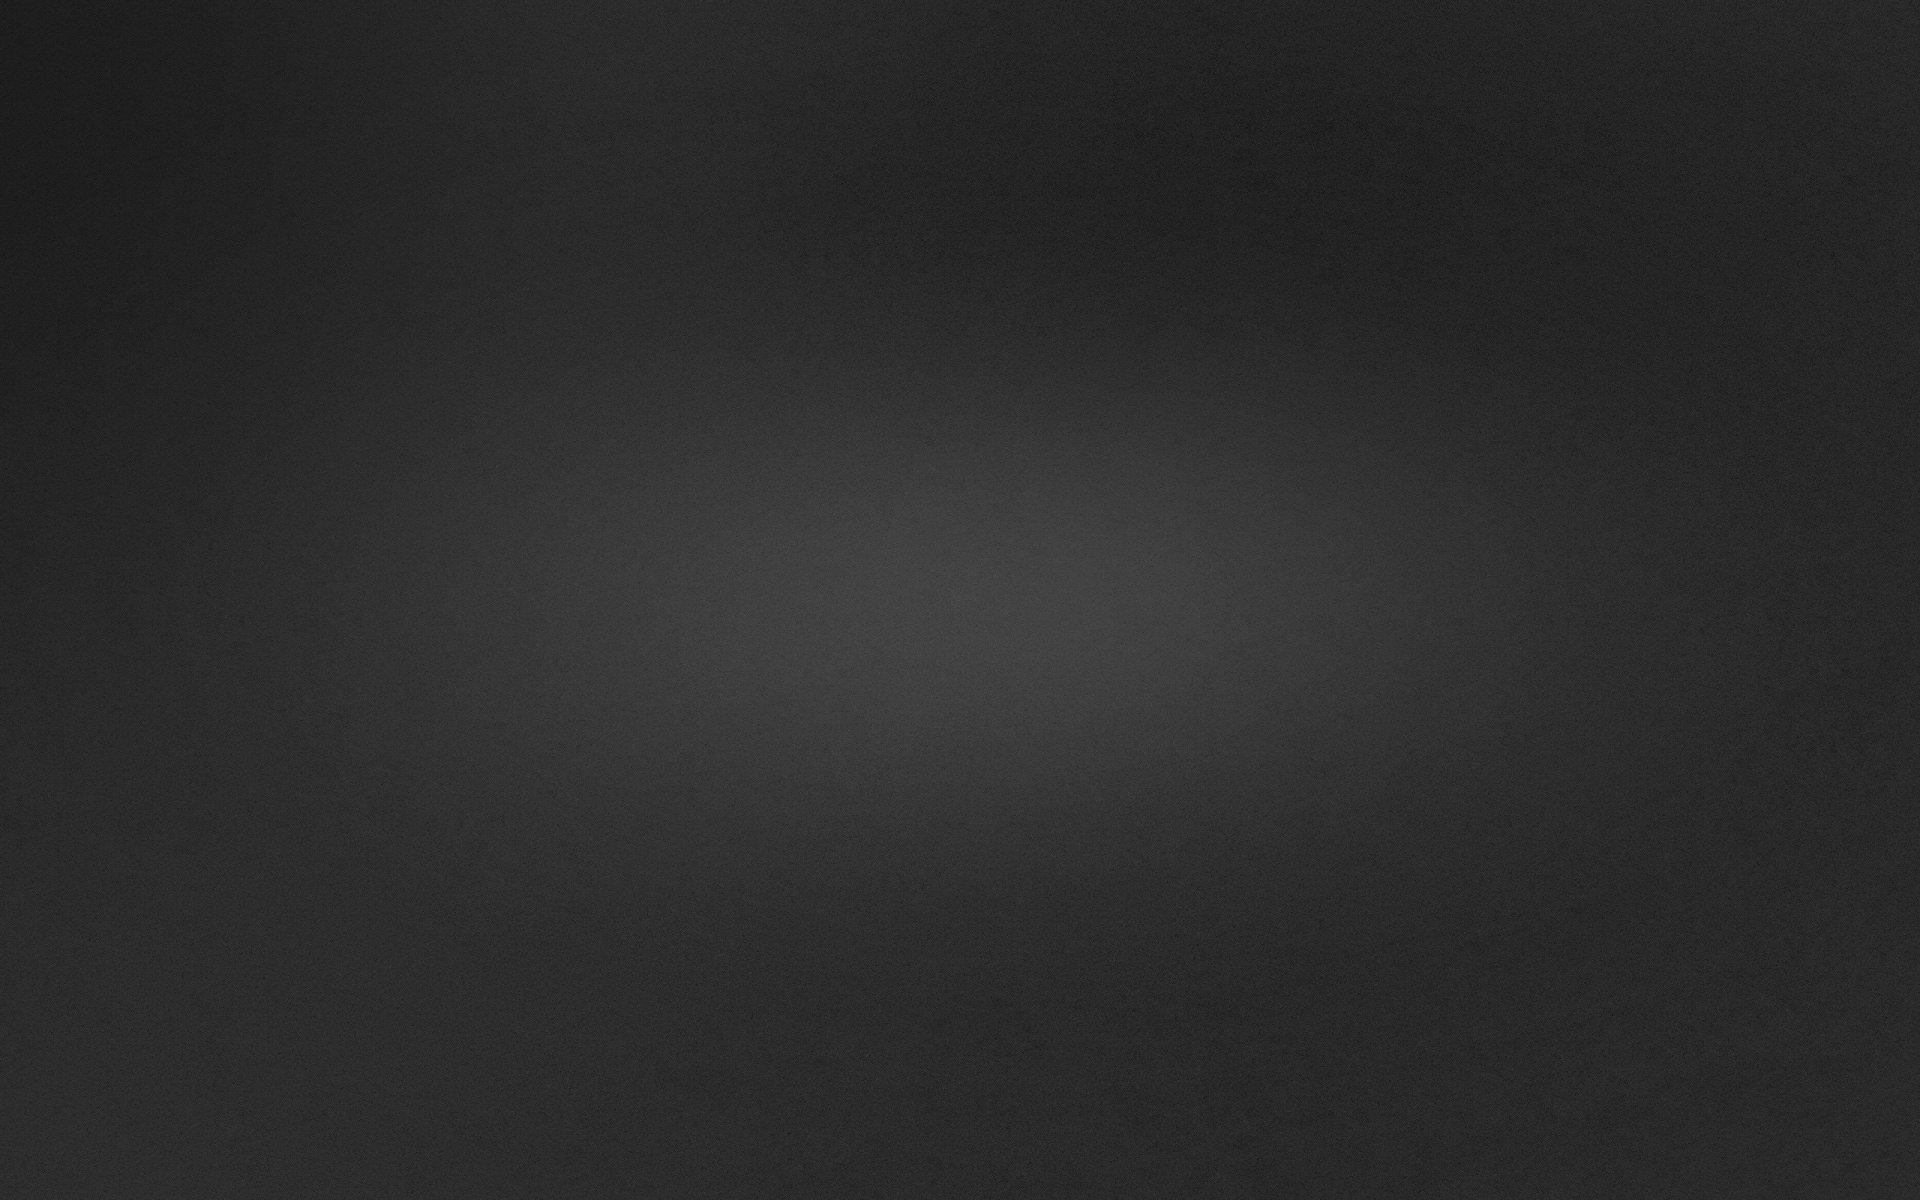 светло черный цвет картинки каждой рептилии расположена